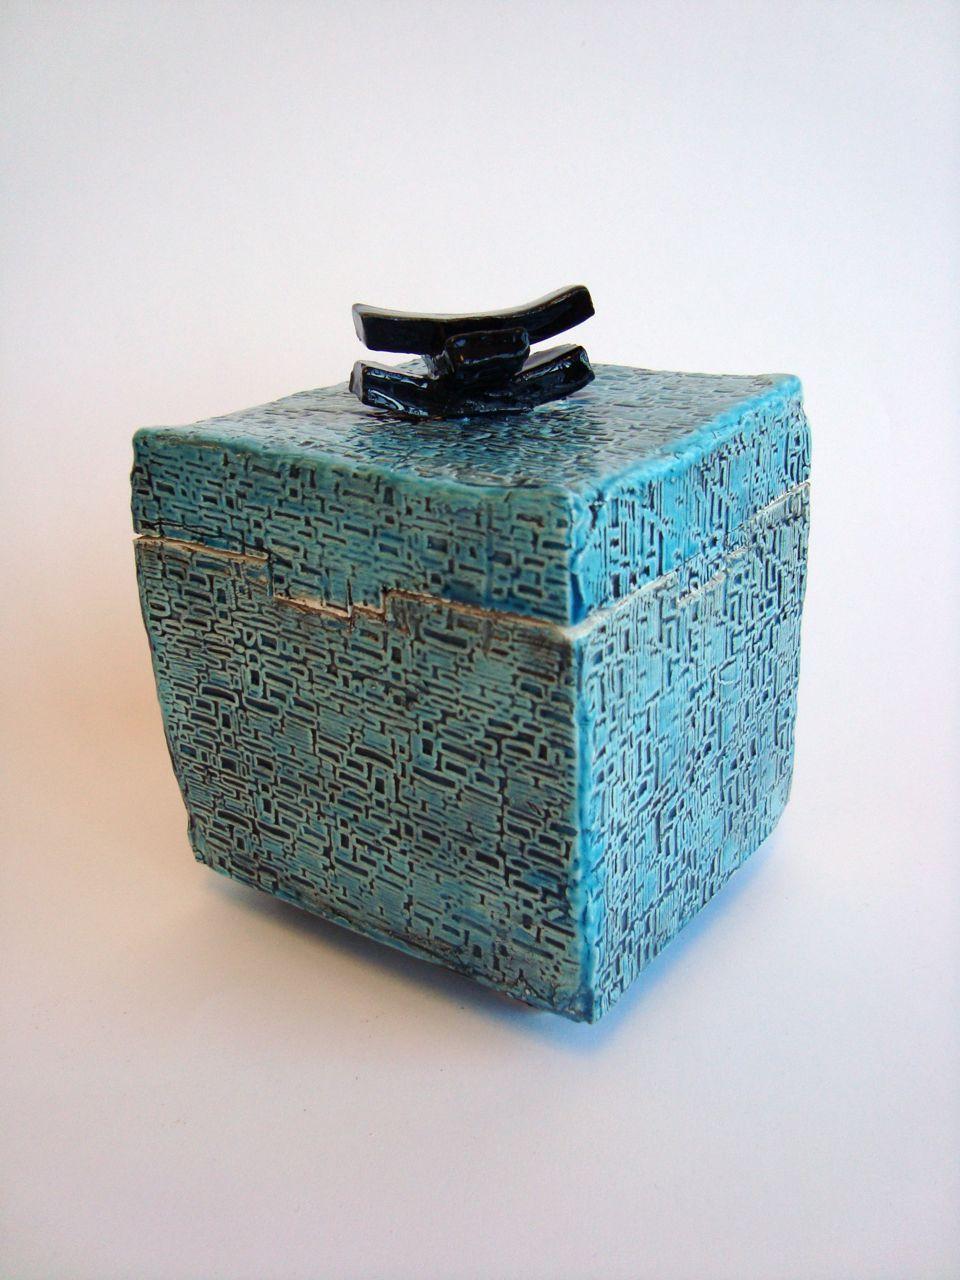 Pin By Caitlin Servilio On Ceramics Slab Ceramics Ceramic Boxes Clay Box